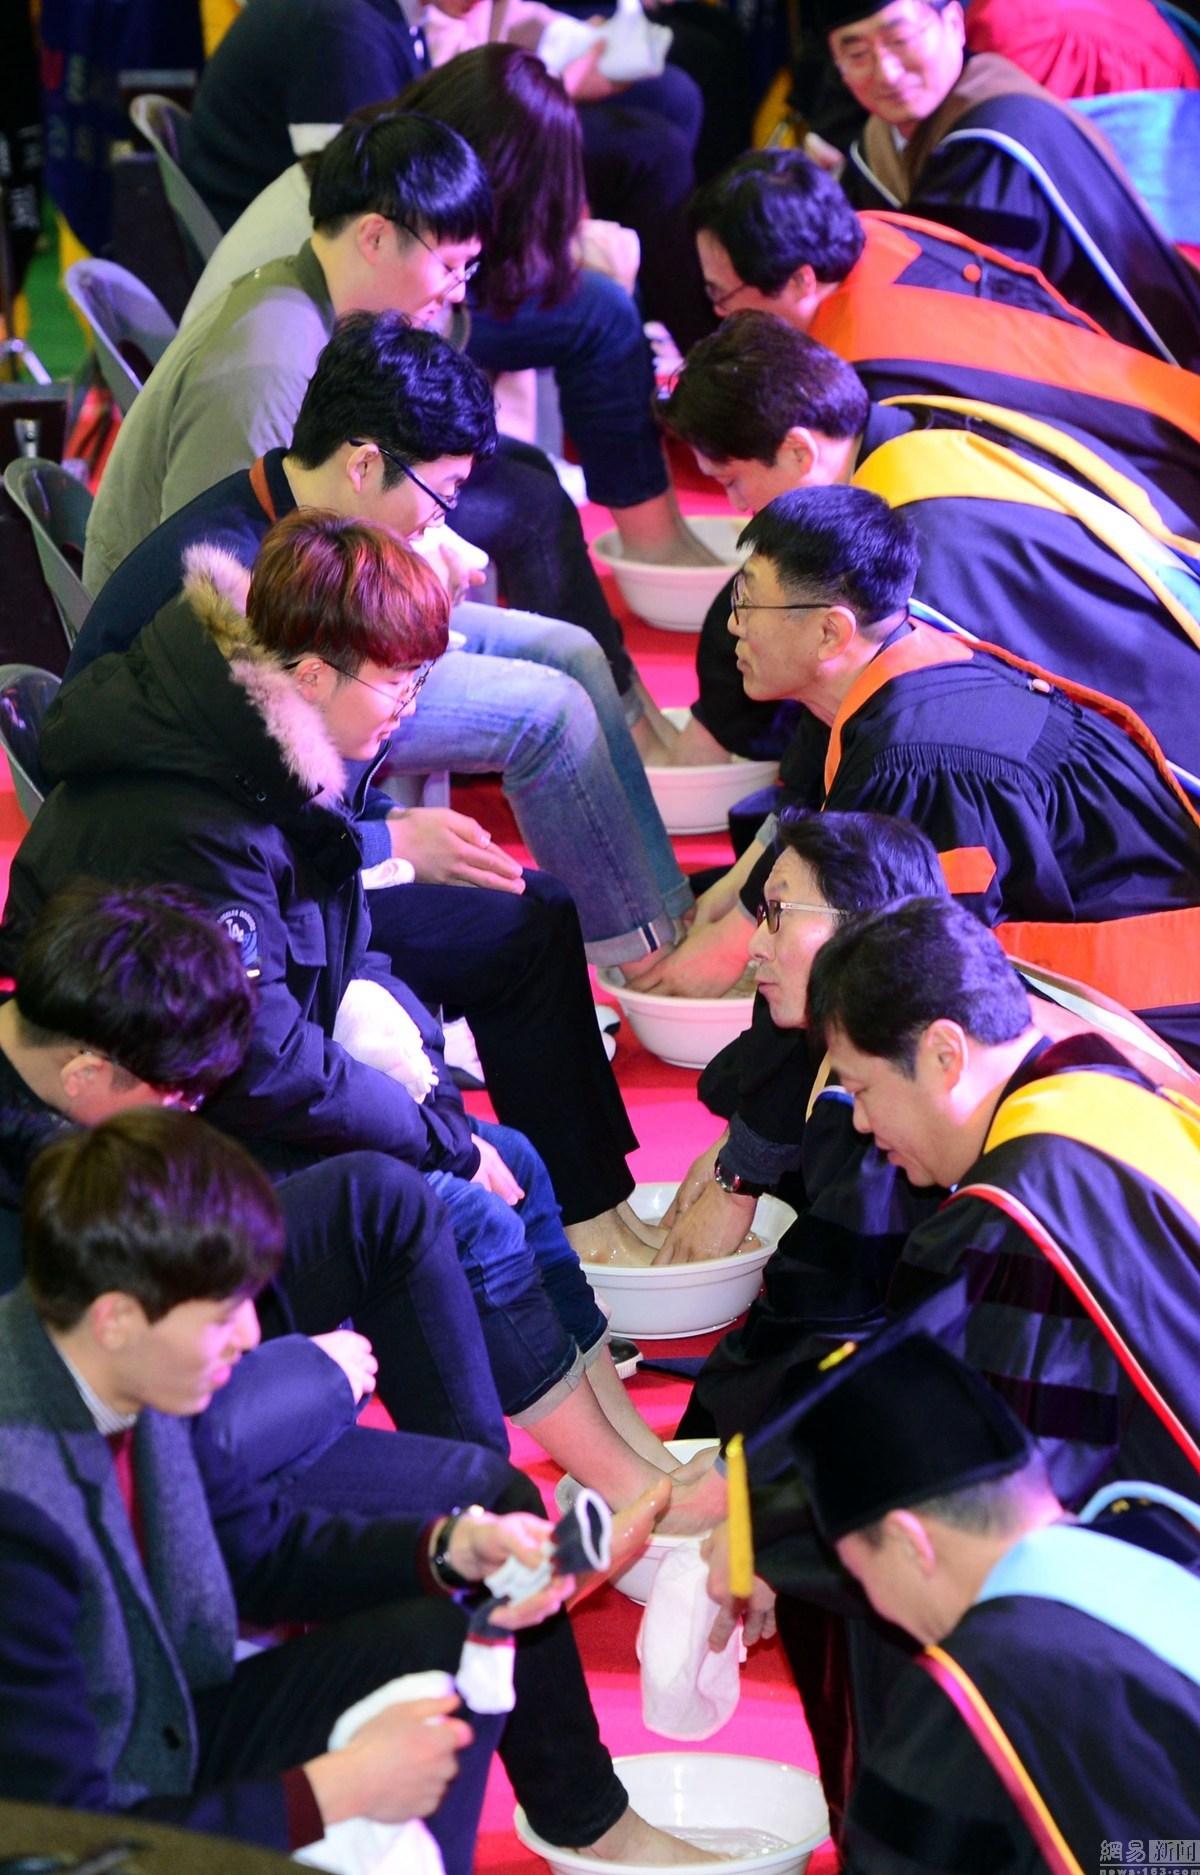 韩国教授为学生洗脚_韩国大学校长教授为新生洗脚 表达关爱_留学_环球网